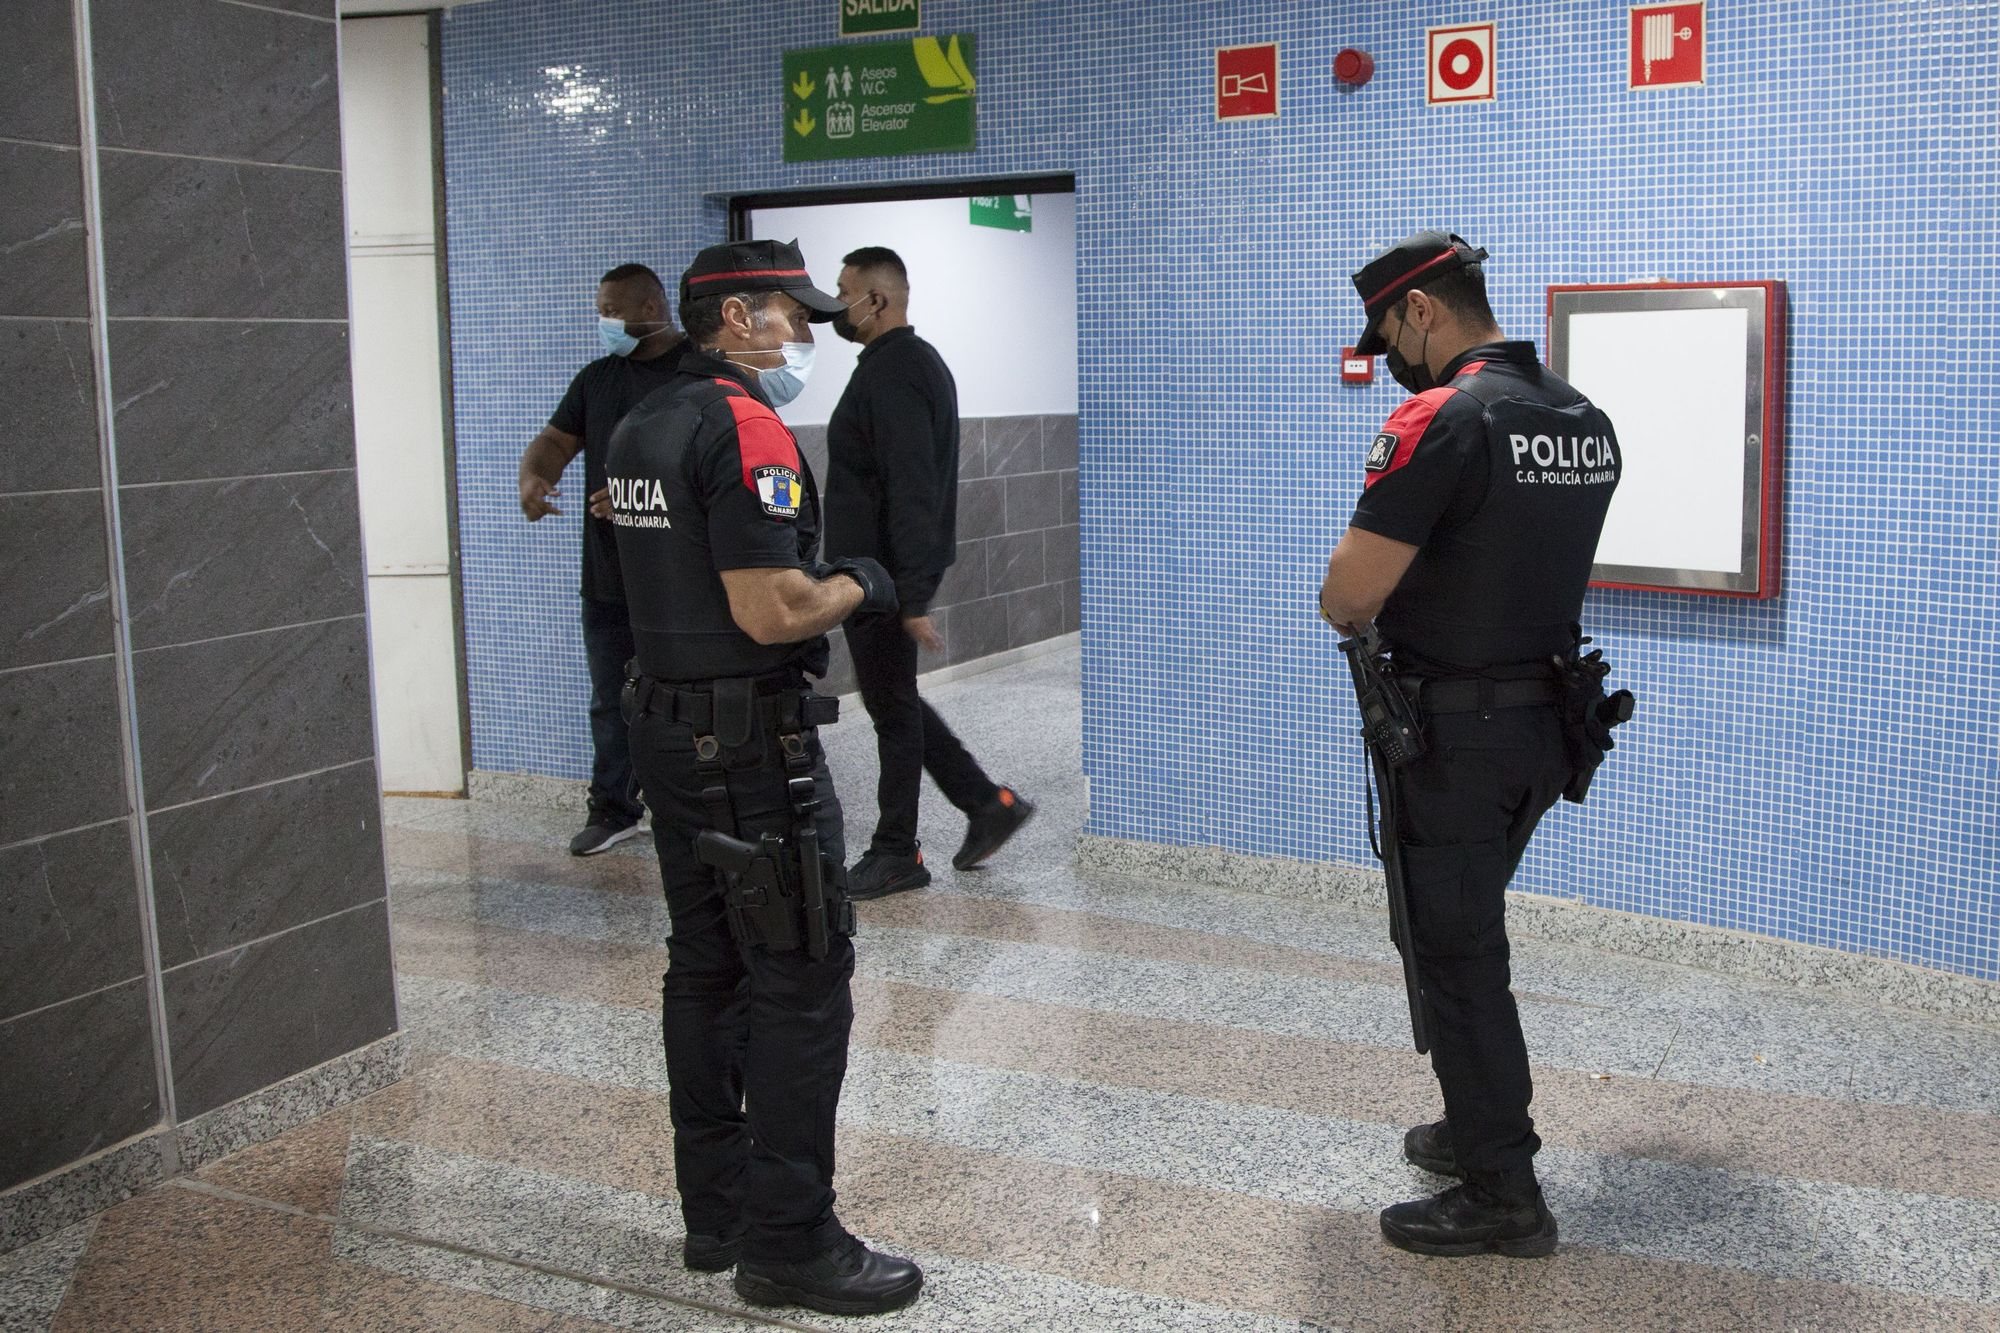 Despliegue de dispositivos de control del Cuerpo General de la Policía Canaria en Gran Canaria (15/05/21)